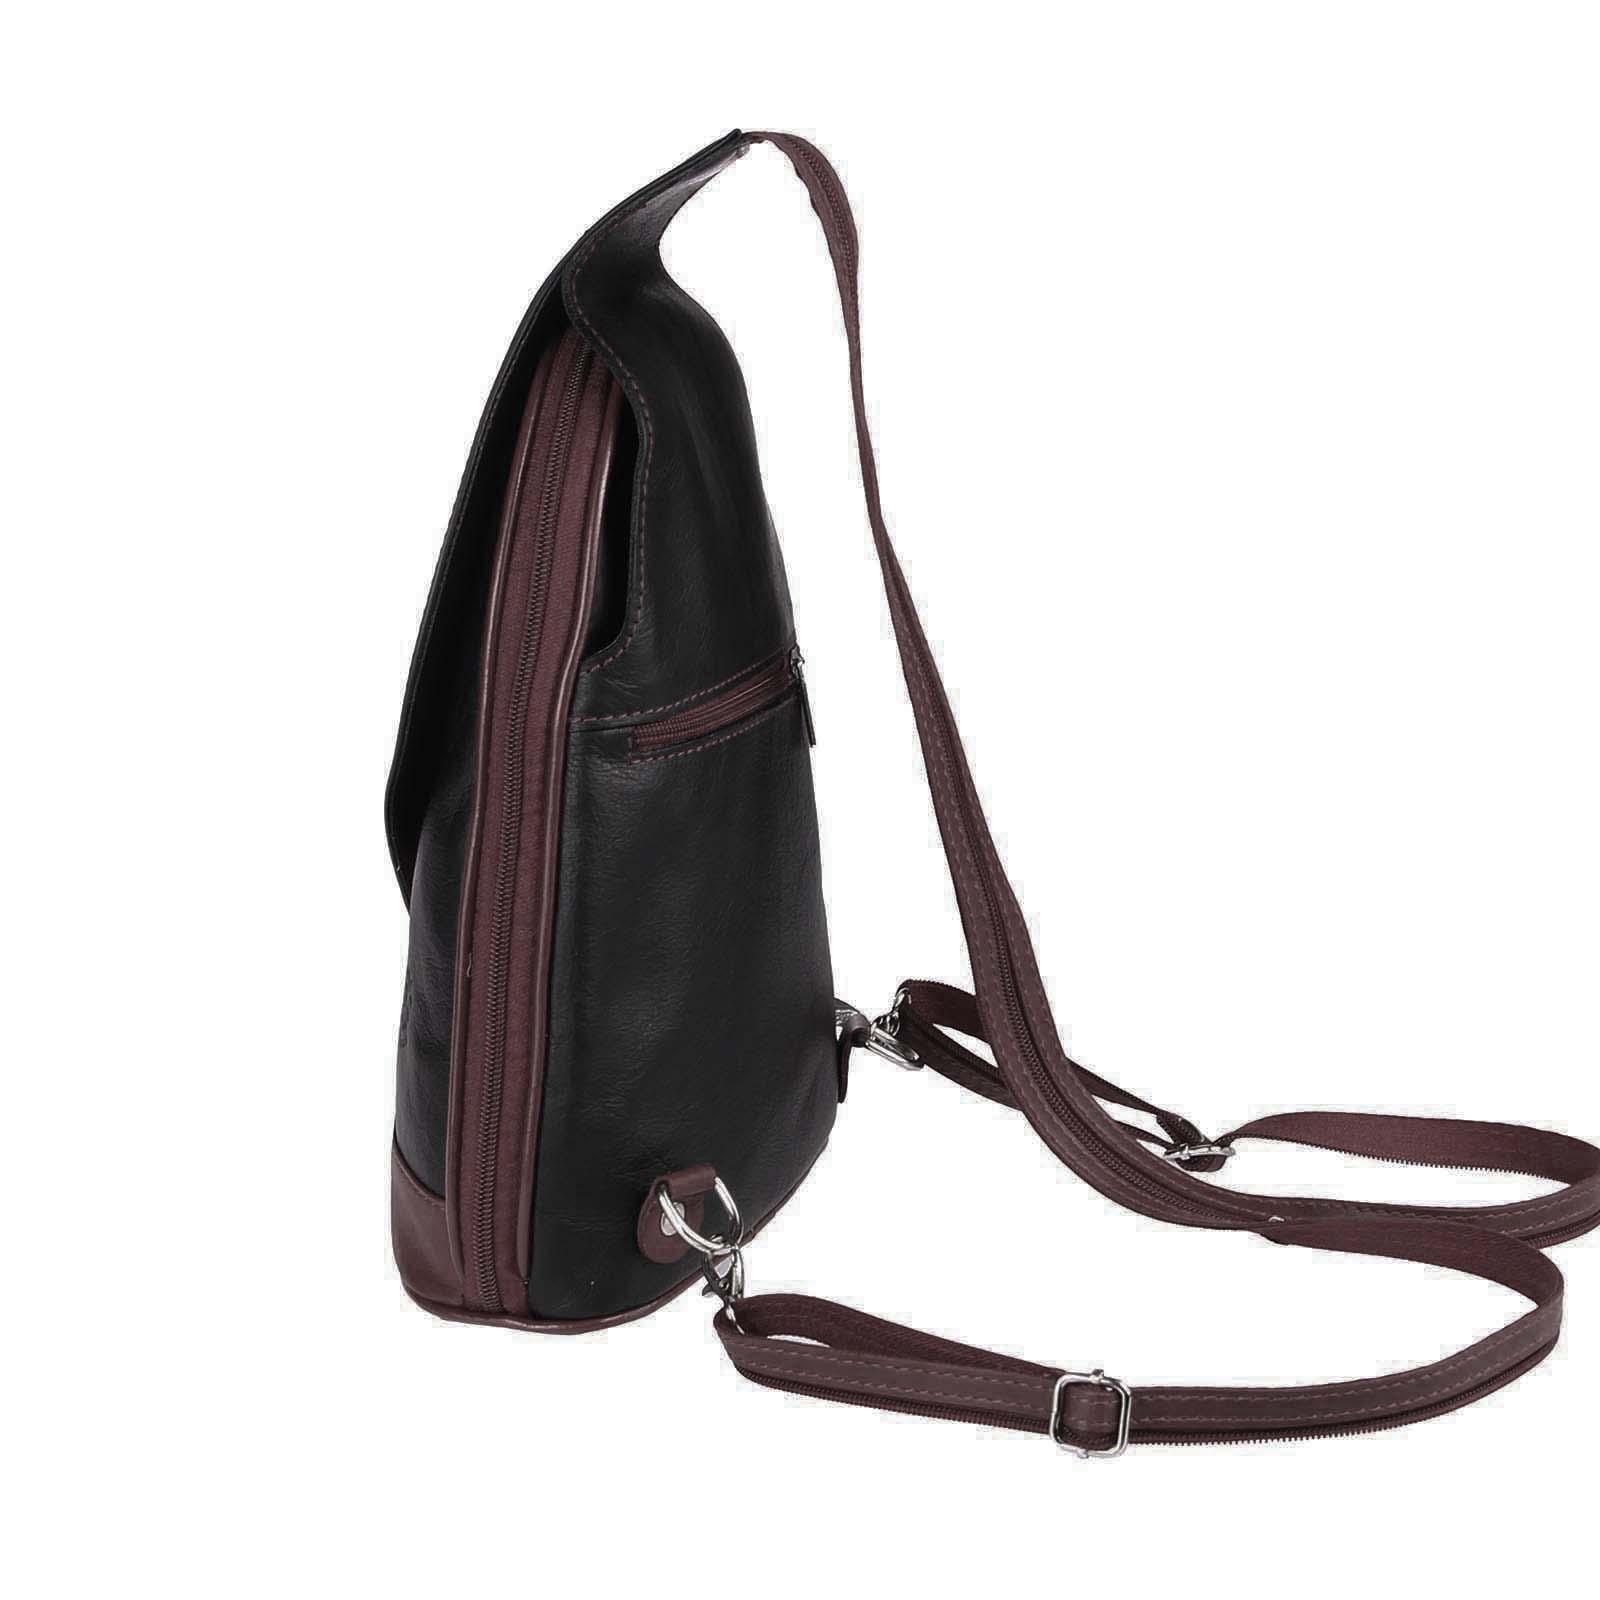 ITALY-DAMEN-LEDER-RUCKSACK-Schulter-Tasche-Reise-BACKPACK-Lederrucksack-it-BAG Indexbild 64